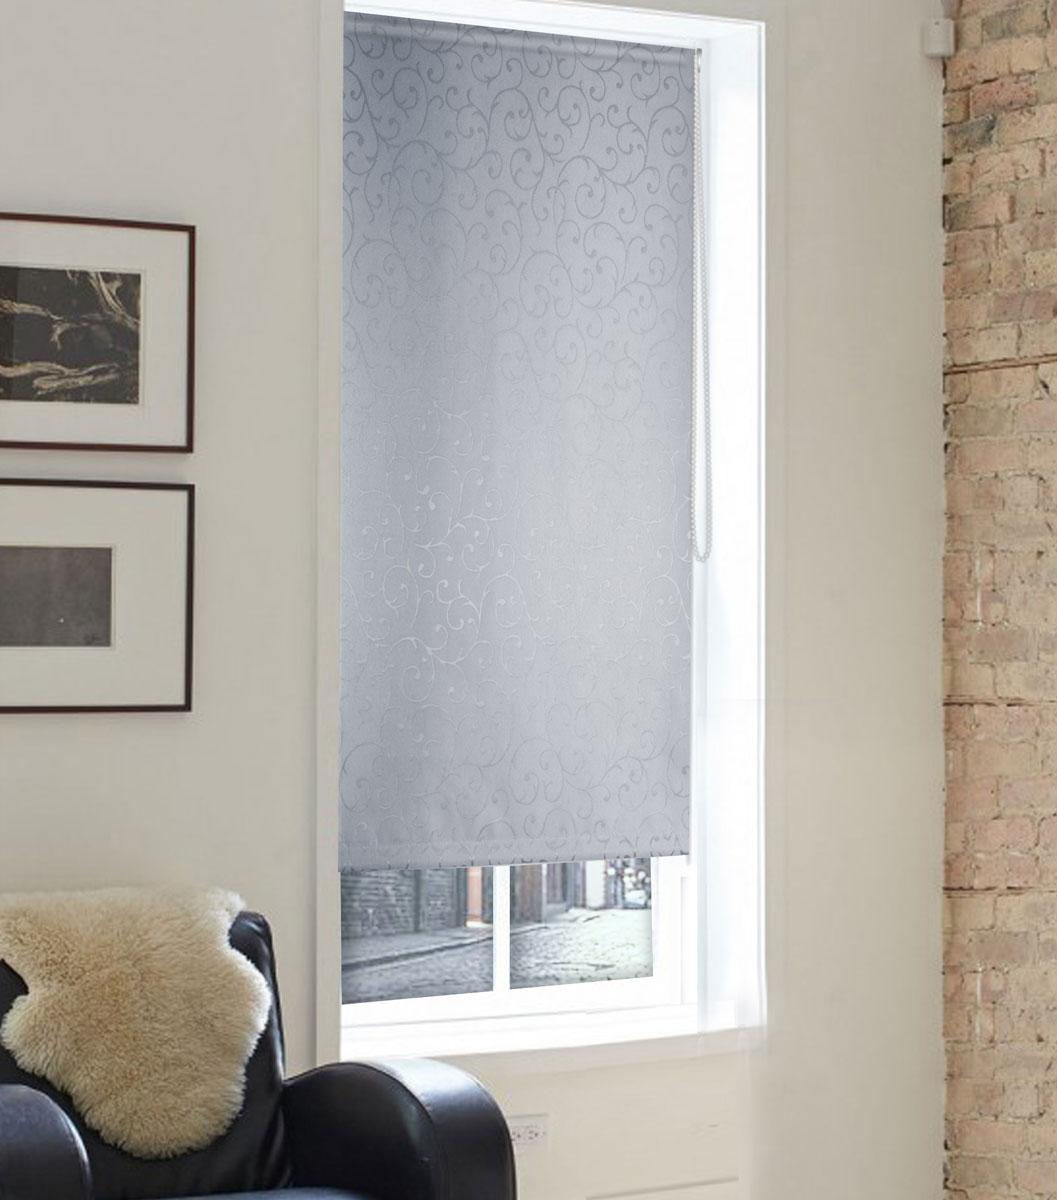 Штора рулонная Эскар Миниролло. Агат, фактурная, цвет: серый, ширина 90 см, высота 160 см37022090160Рулонная штора Эскар Миниролло. Агат выполнена из высокопрочной ткани, которая сохраняет свой размер даже при намокании. Ткань не выцветает и обладает отличной цветоустойчивостью. Миниролло - это подвид рулонных штор, который закрывает не весь оконный проем, а непосредственно само стекло. Такие шторы крепятся на раму без сверления при помощи зажимов или клейкой двухсторонней ленты. Окно остается на гарантии, благодаря монтажу без сверления. Такая штора станет прекрасным элементом декора окна и гармонично впишется в интерьер любого помещения.